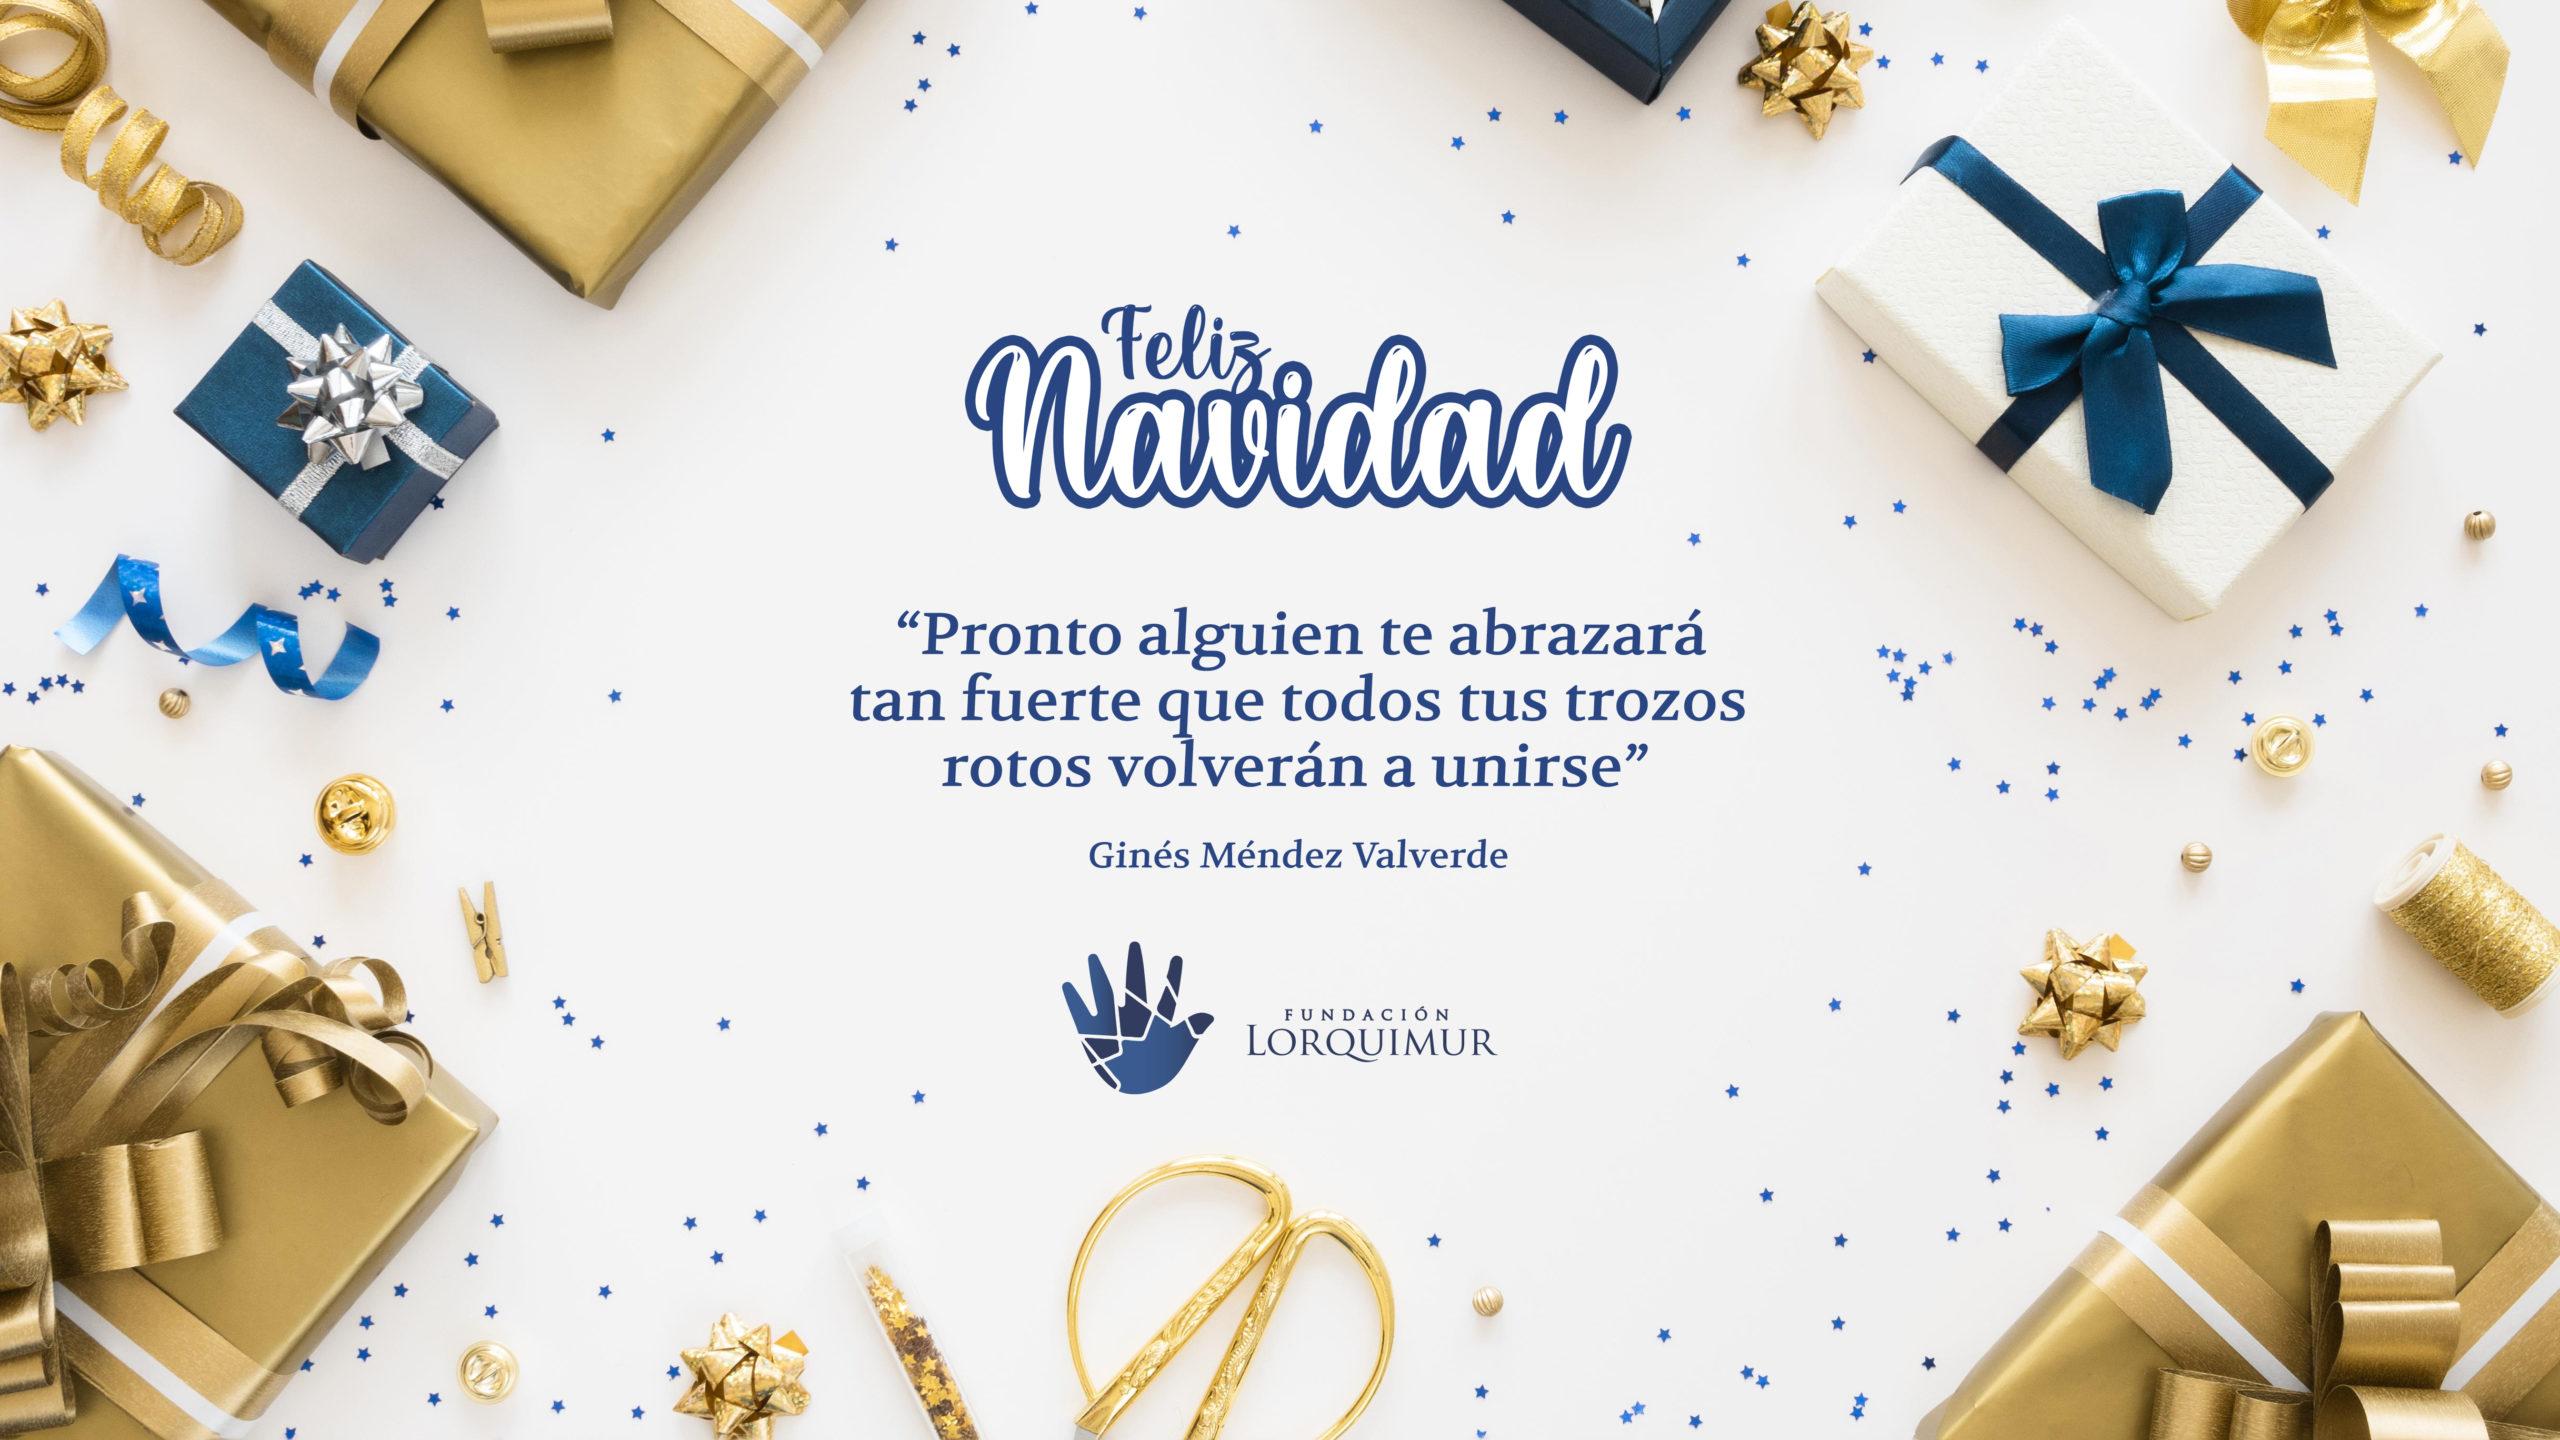 Felicitación Navidad Fundación Lorquimur